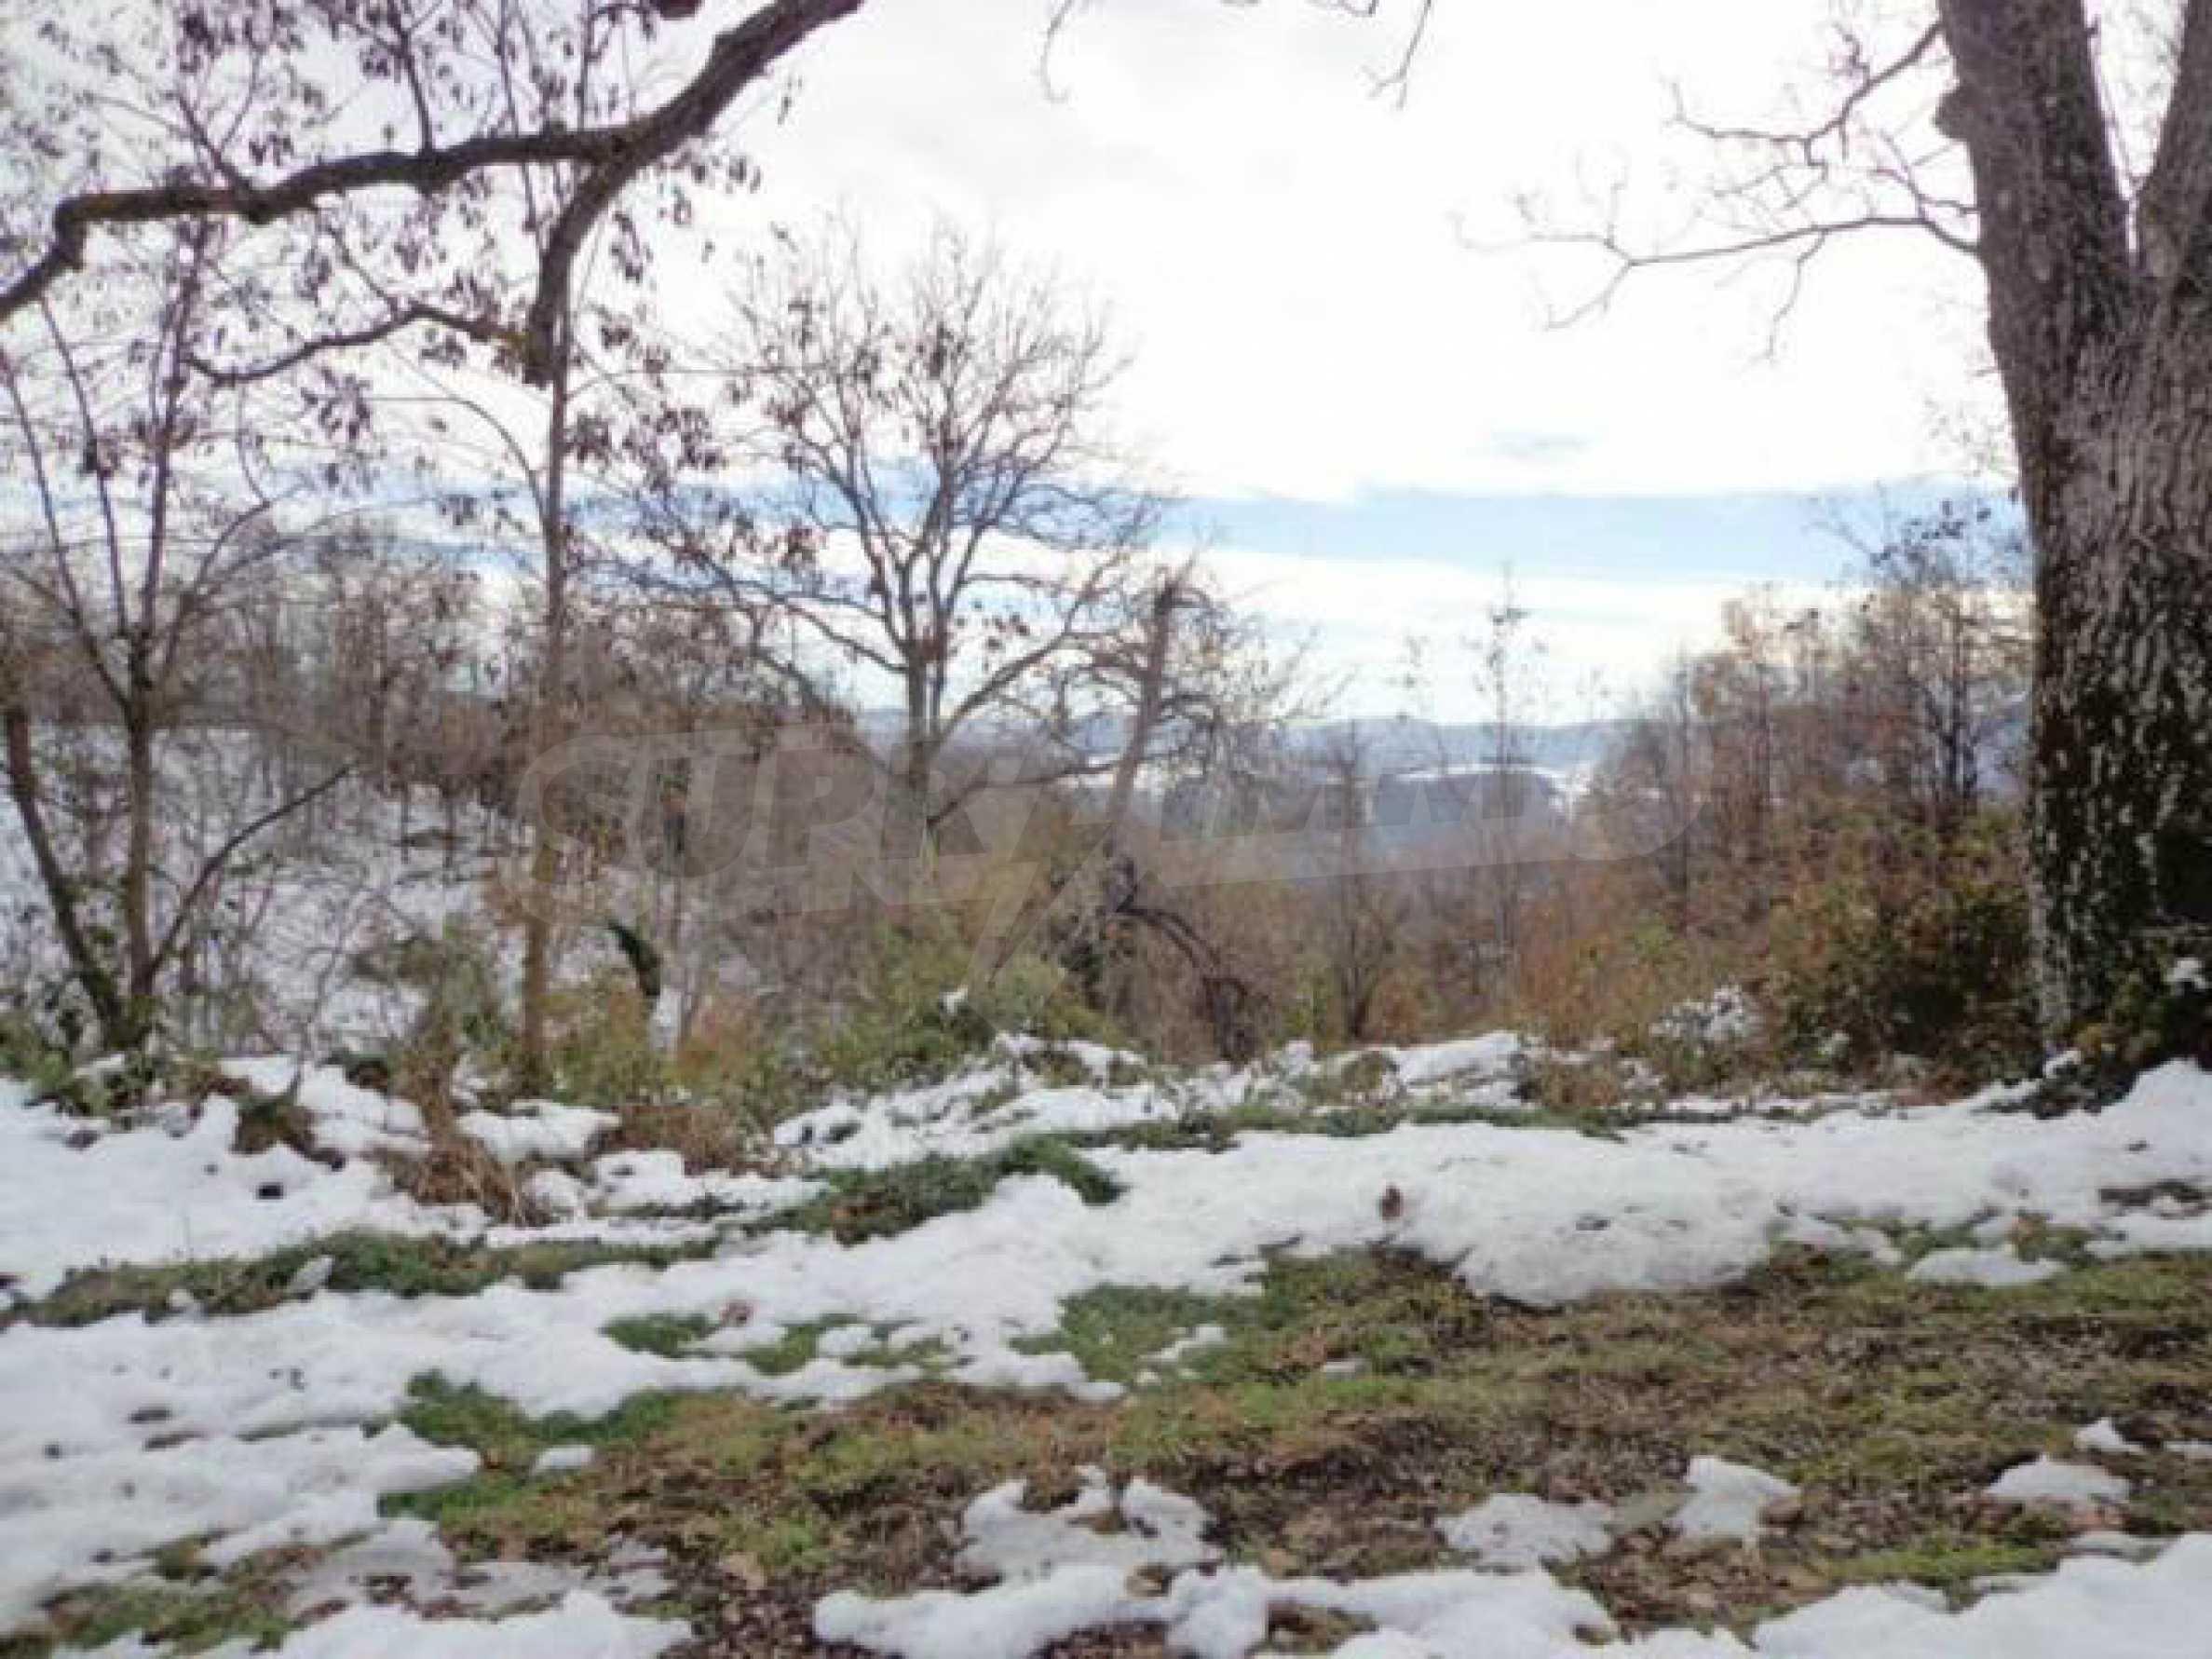 Grundstück zum Verkauf in einem Dorf 5 km von Tryavna entfernt 6